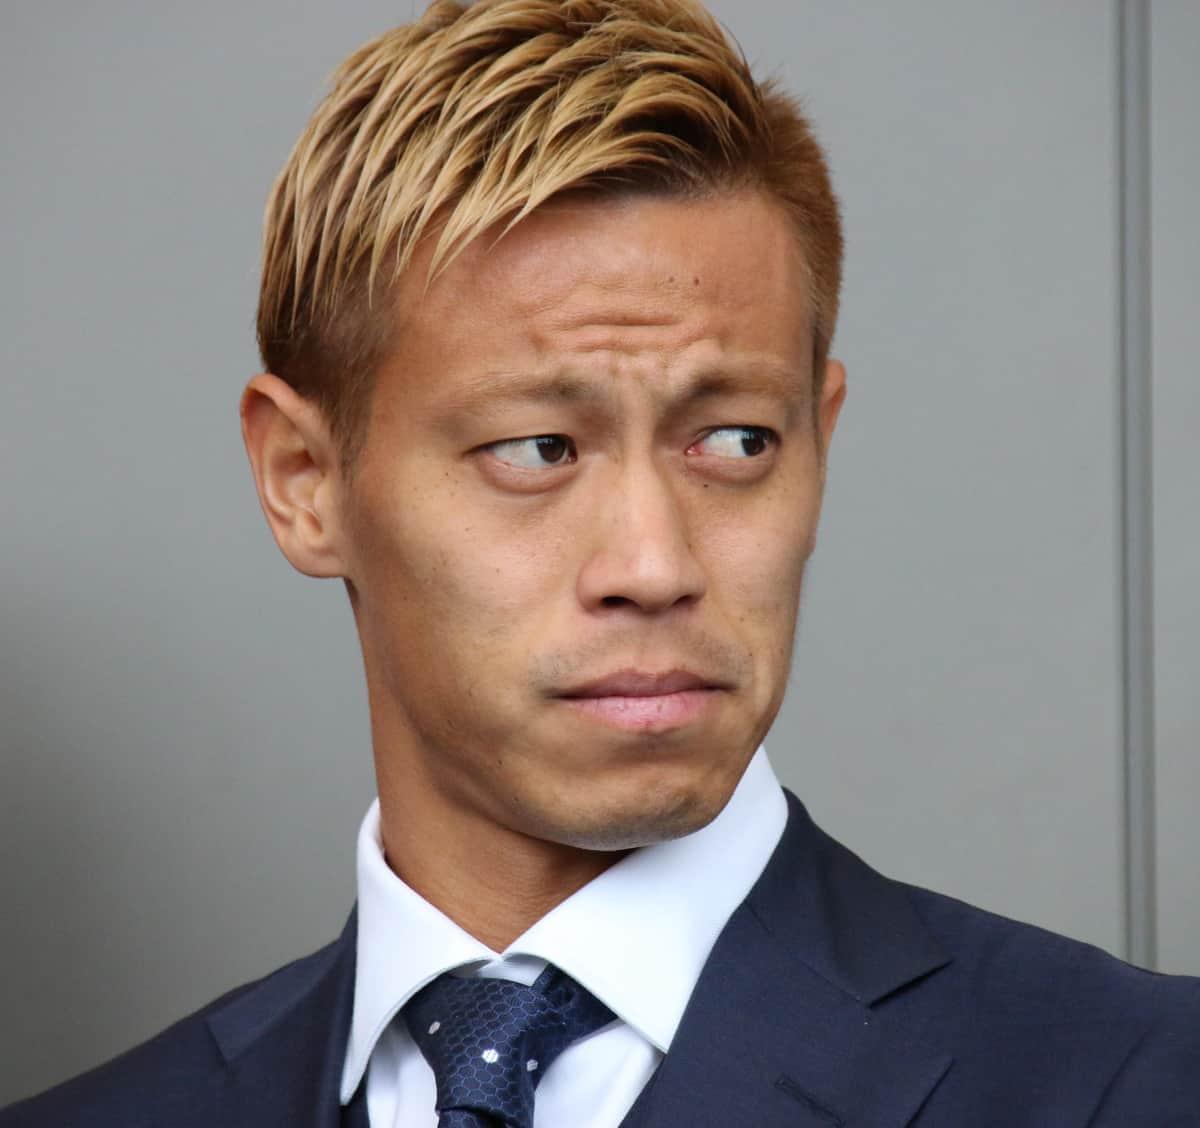 本田圭佑の加入に「日本サッカーの神が上陸」 リトアニアへ電撃移籍、現地メディア大興奮